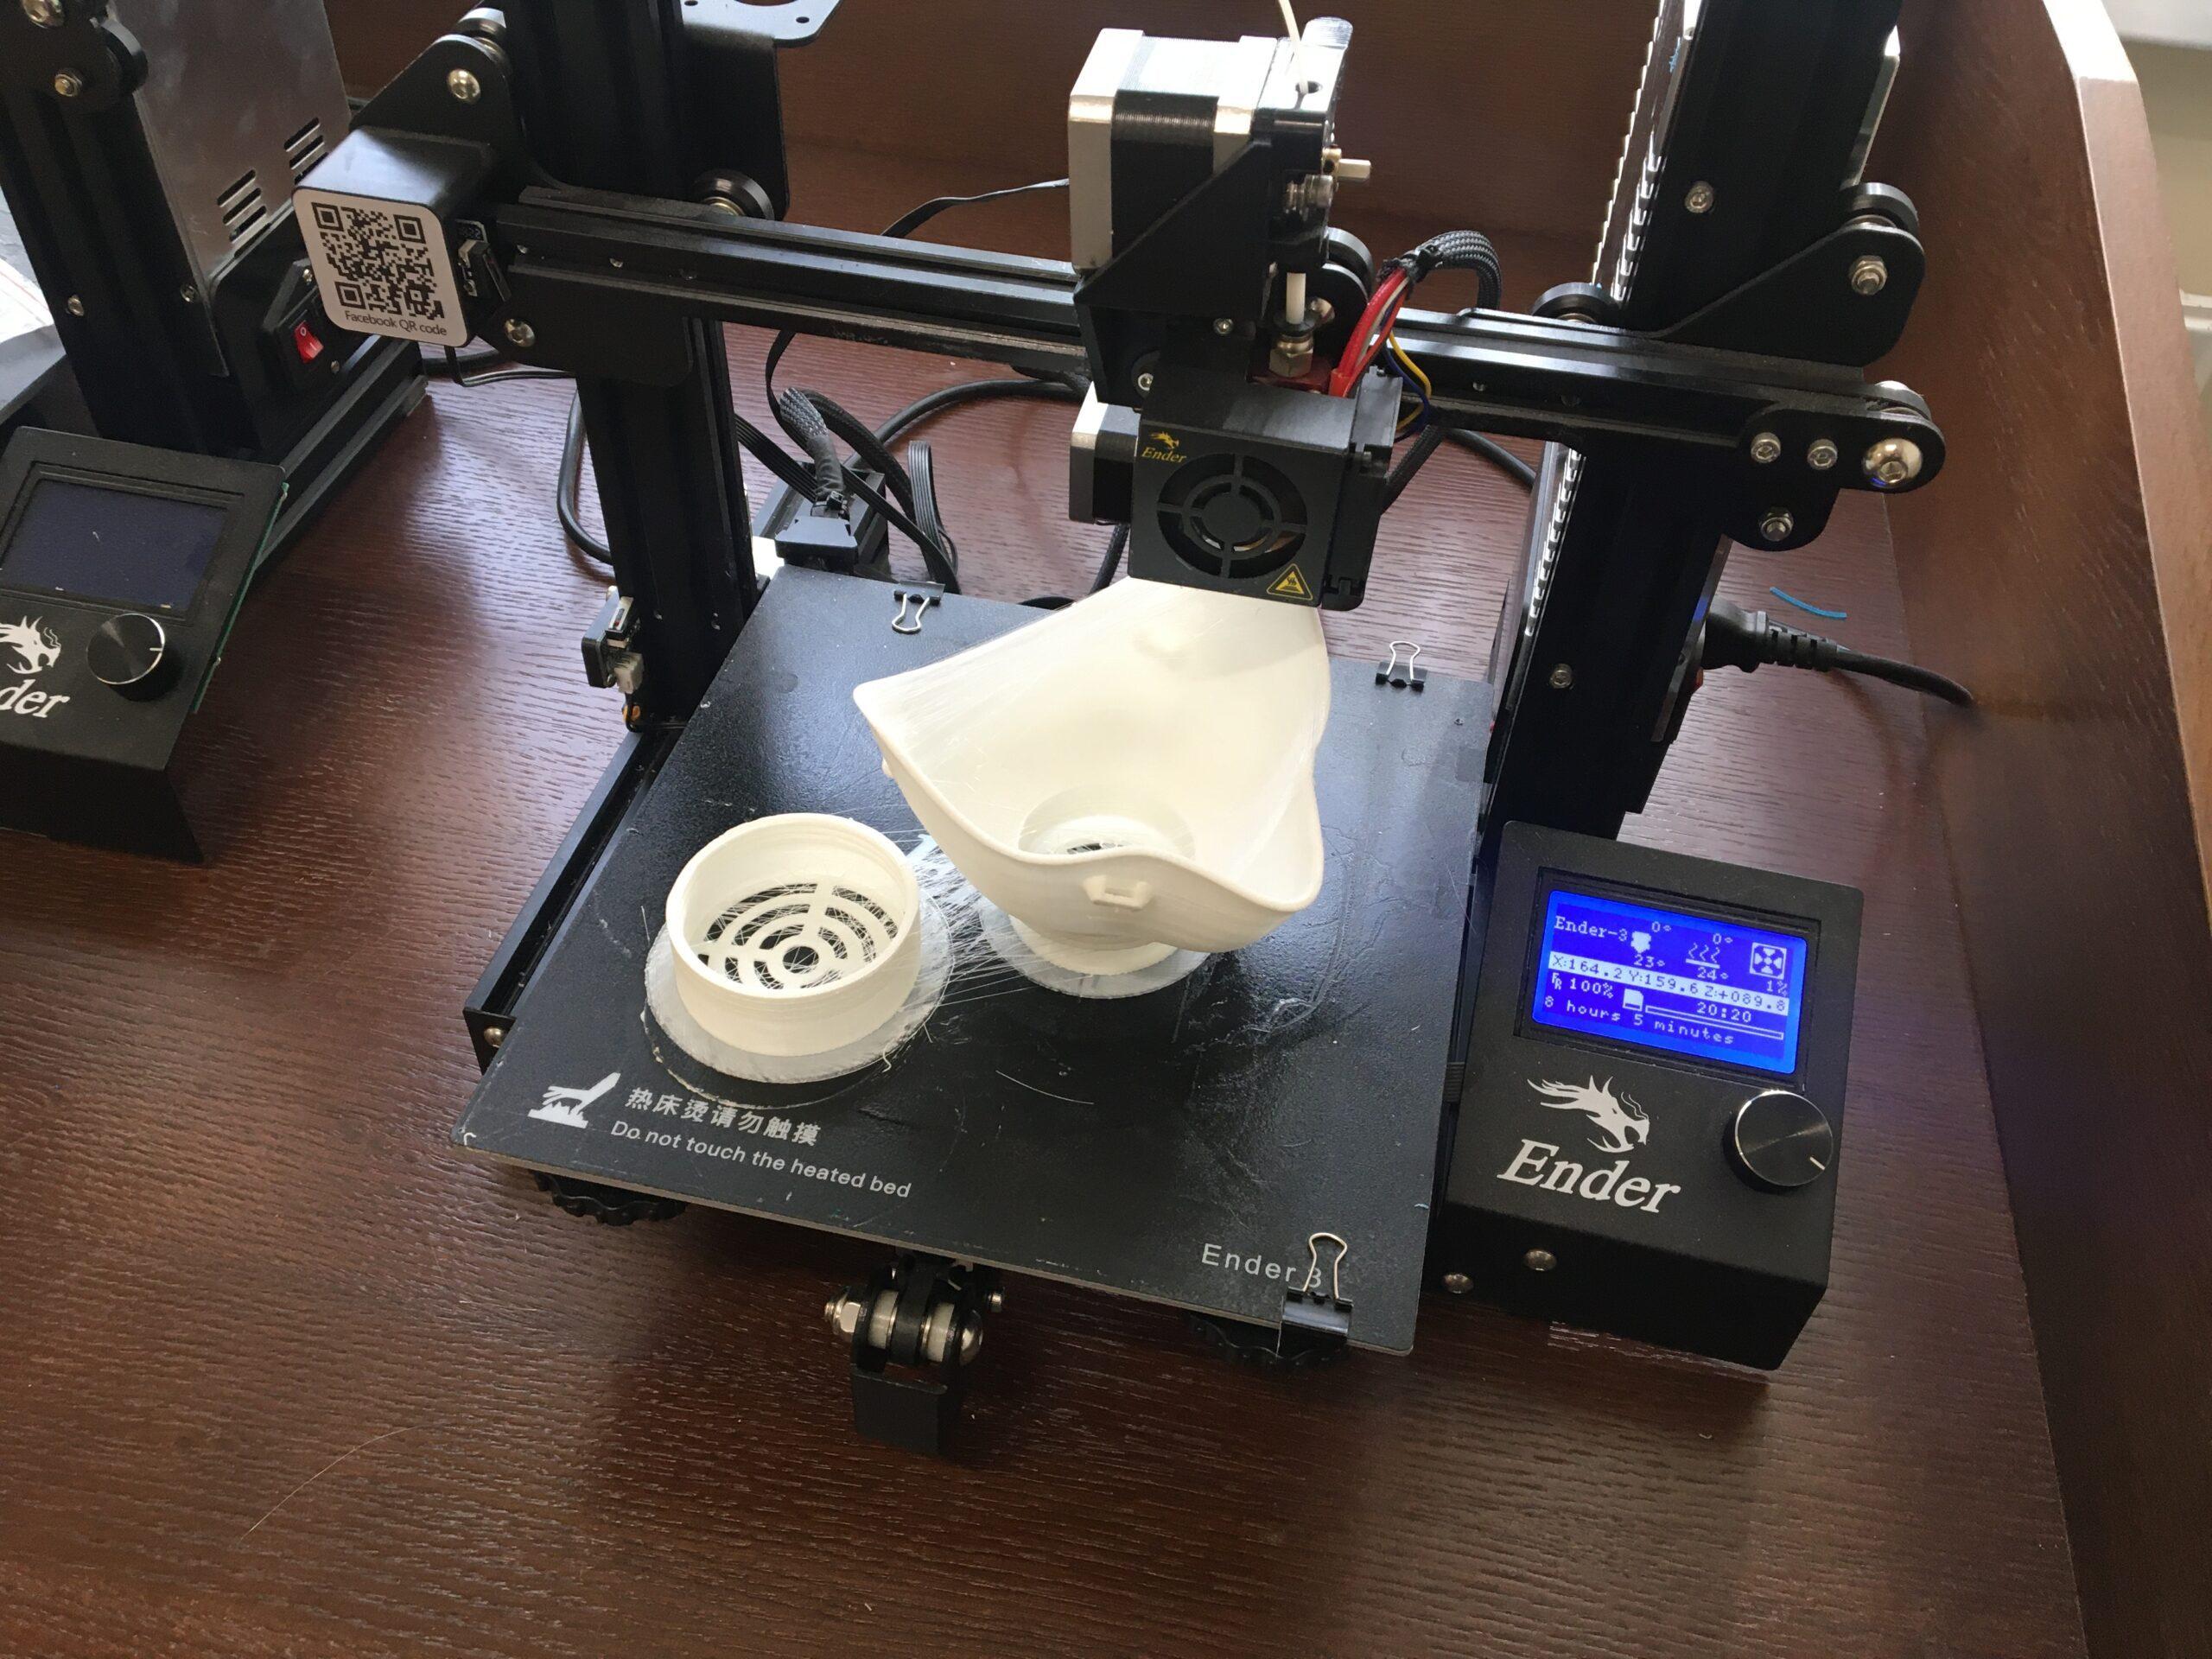 В Военно-медицинской академии разработана медицинская 3D-маска для защиты органов дыхания. Видео